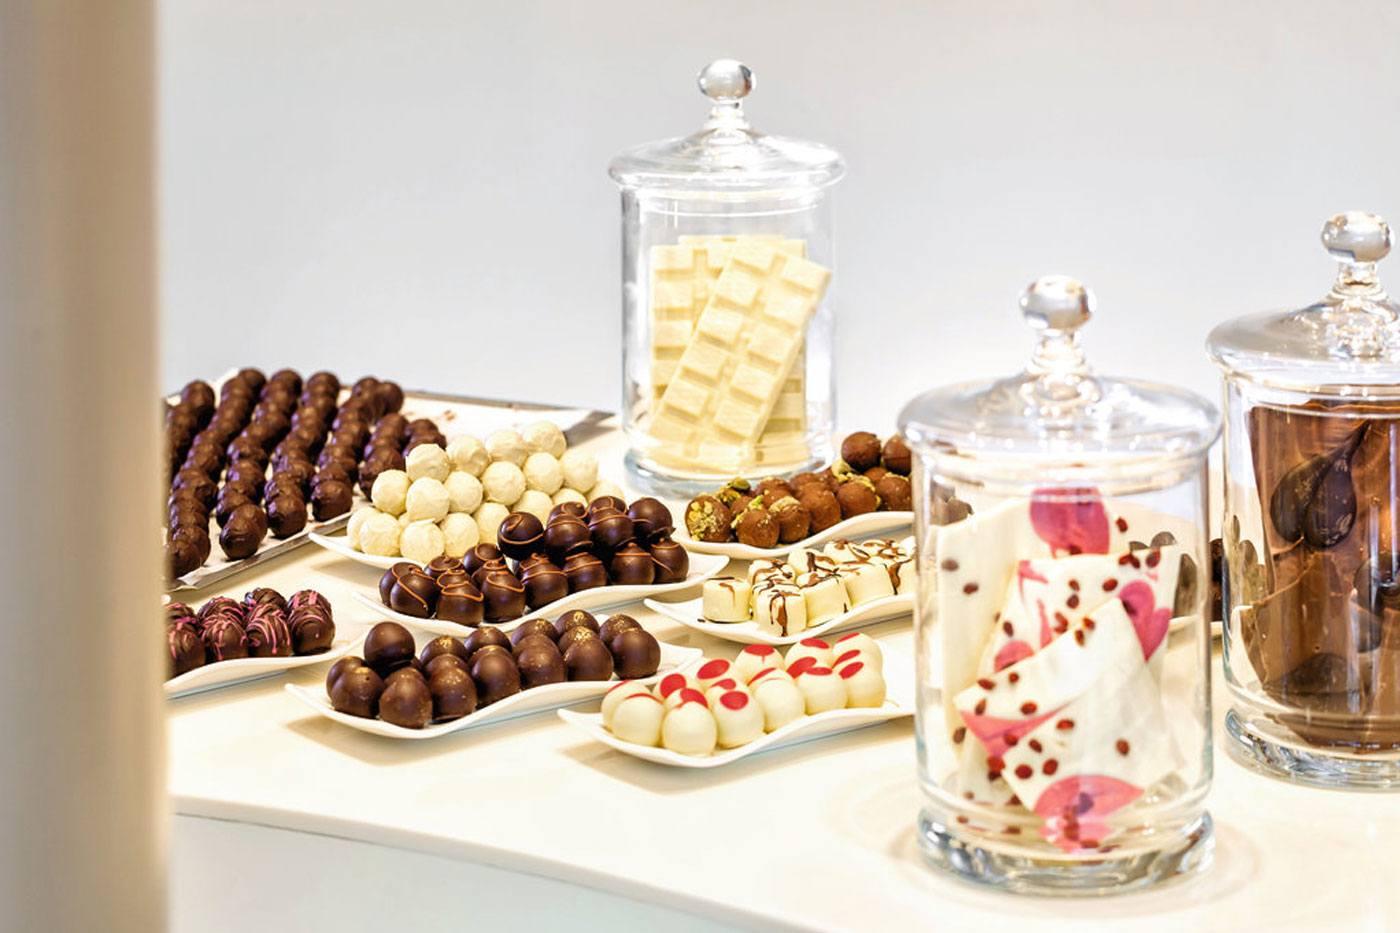 Schokolade besitzt eine unglaubliche Sortenvielfalt.